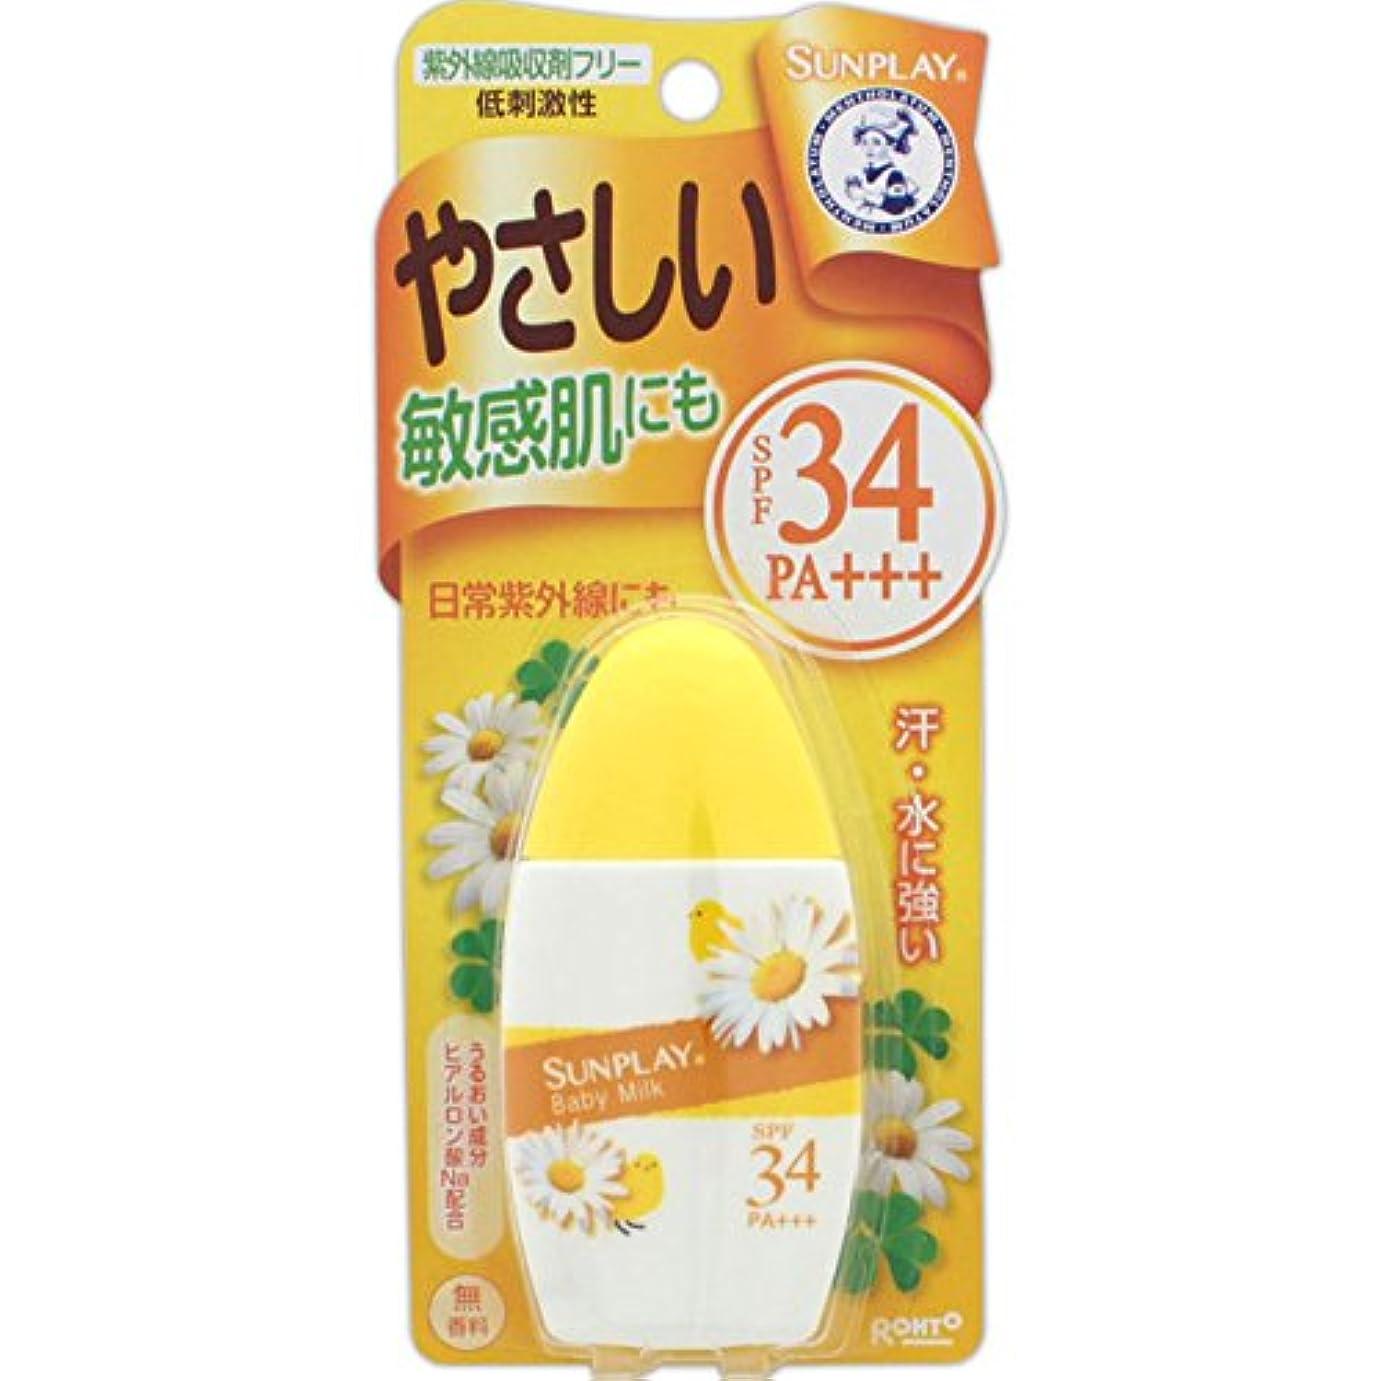 東部ダルセット機知に富んだメンソレータム サンプレイ ベビーミルク 低刺激性 SPF34 PA+++ 30g